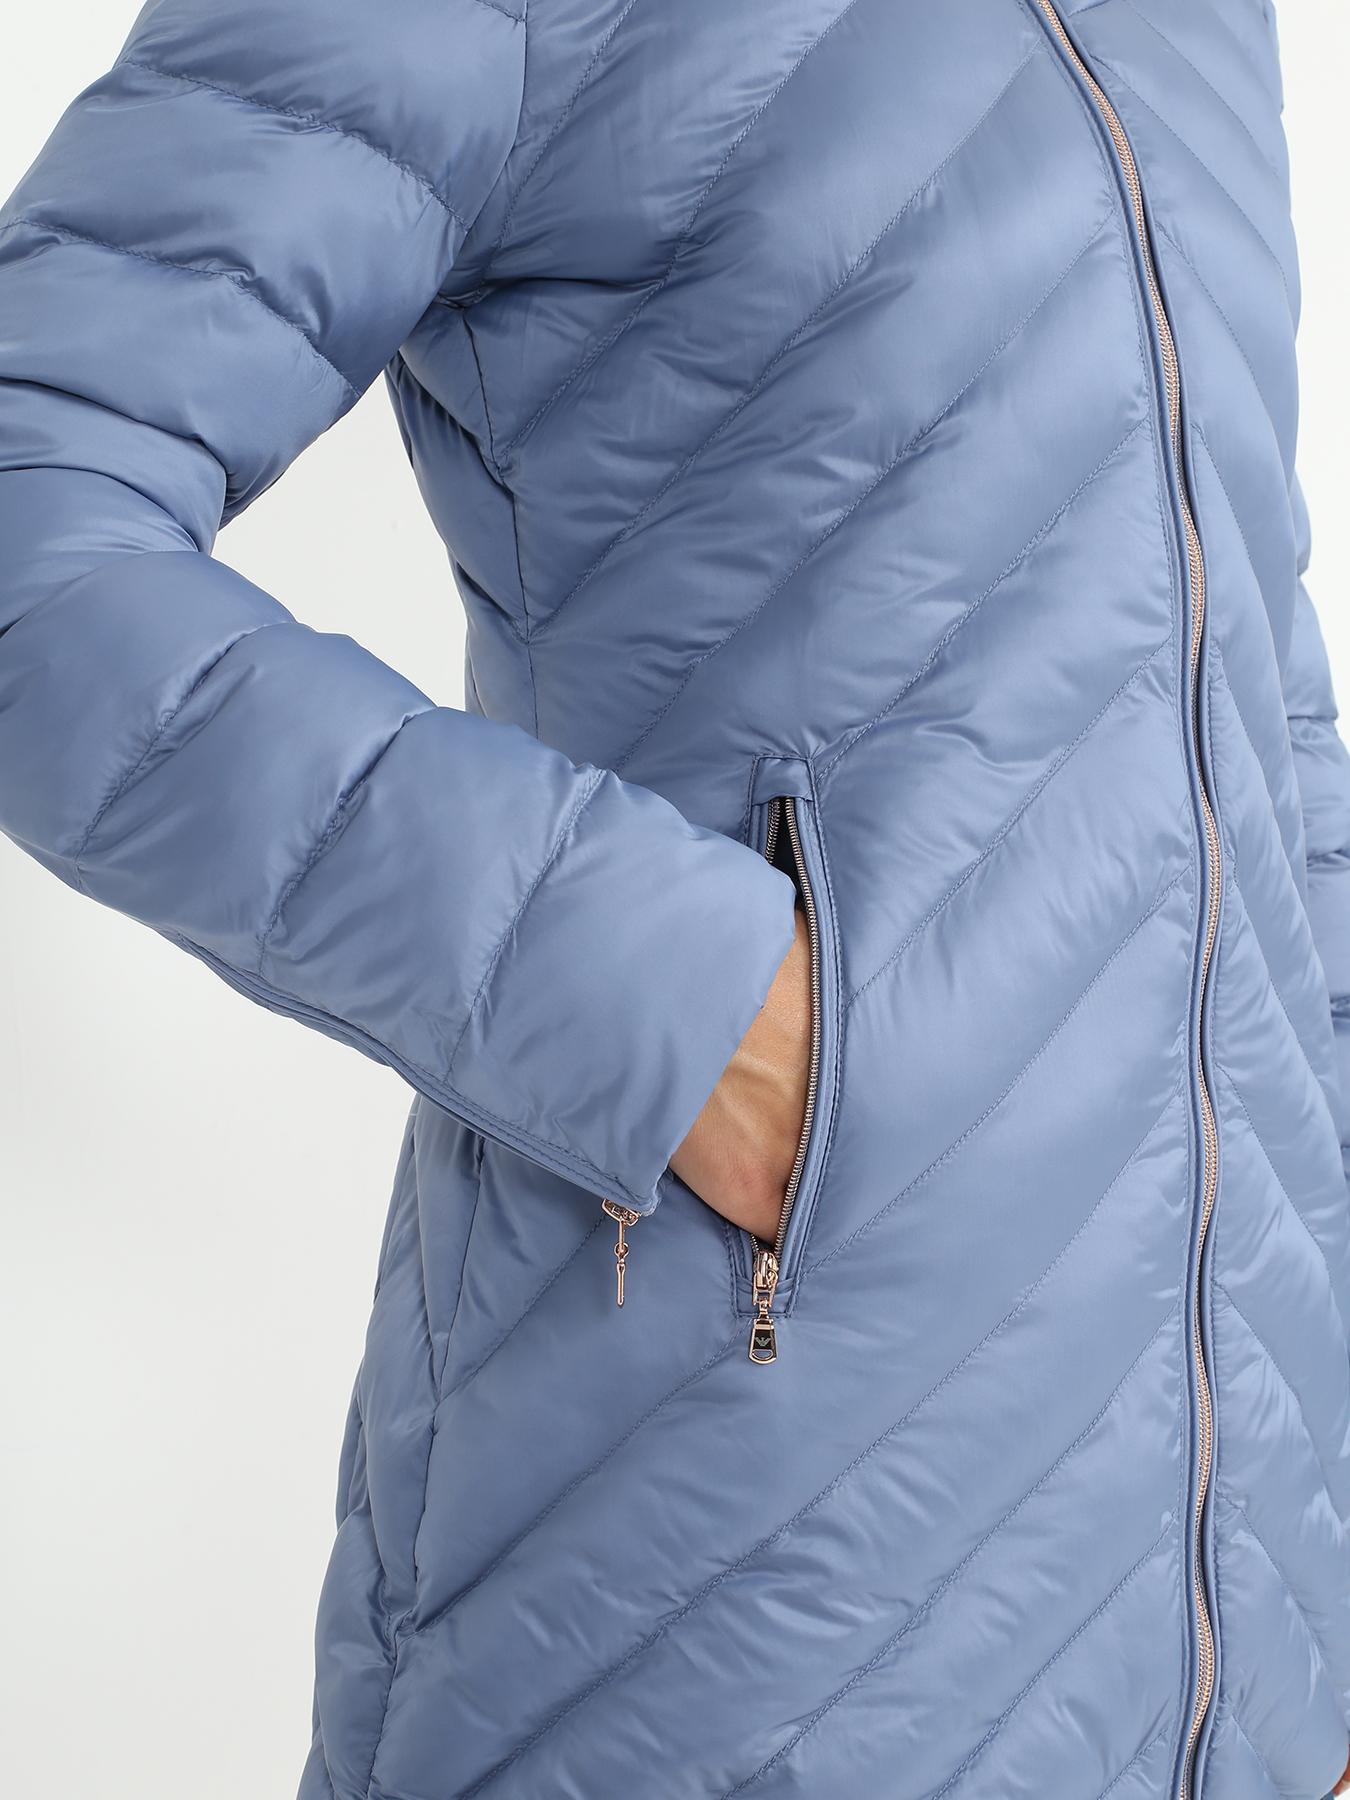 EA7 Emporio Armani Куртка с капюшоном 322194-041 Фото 3